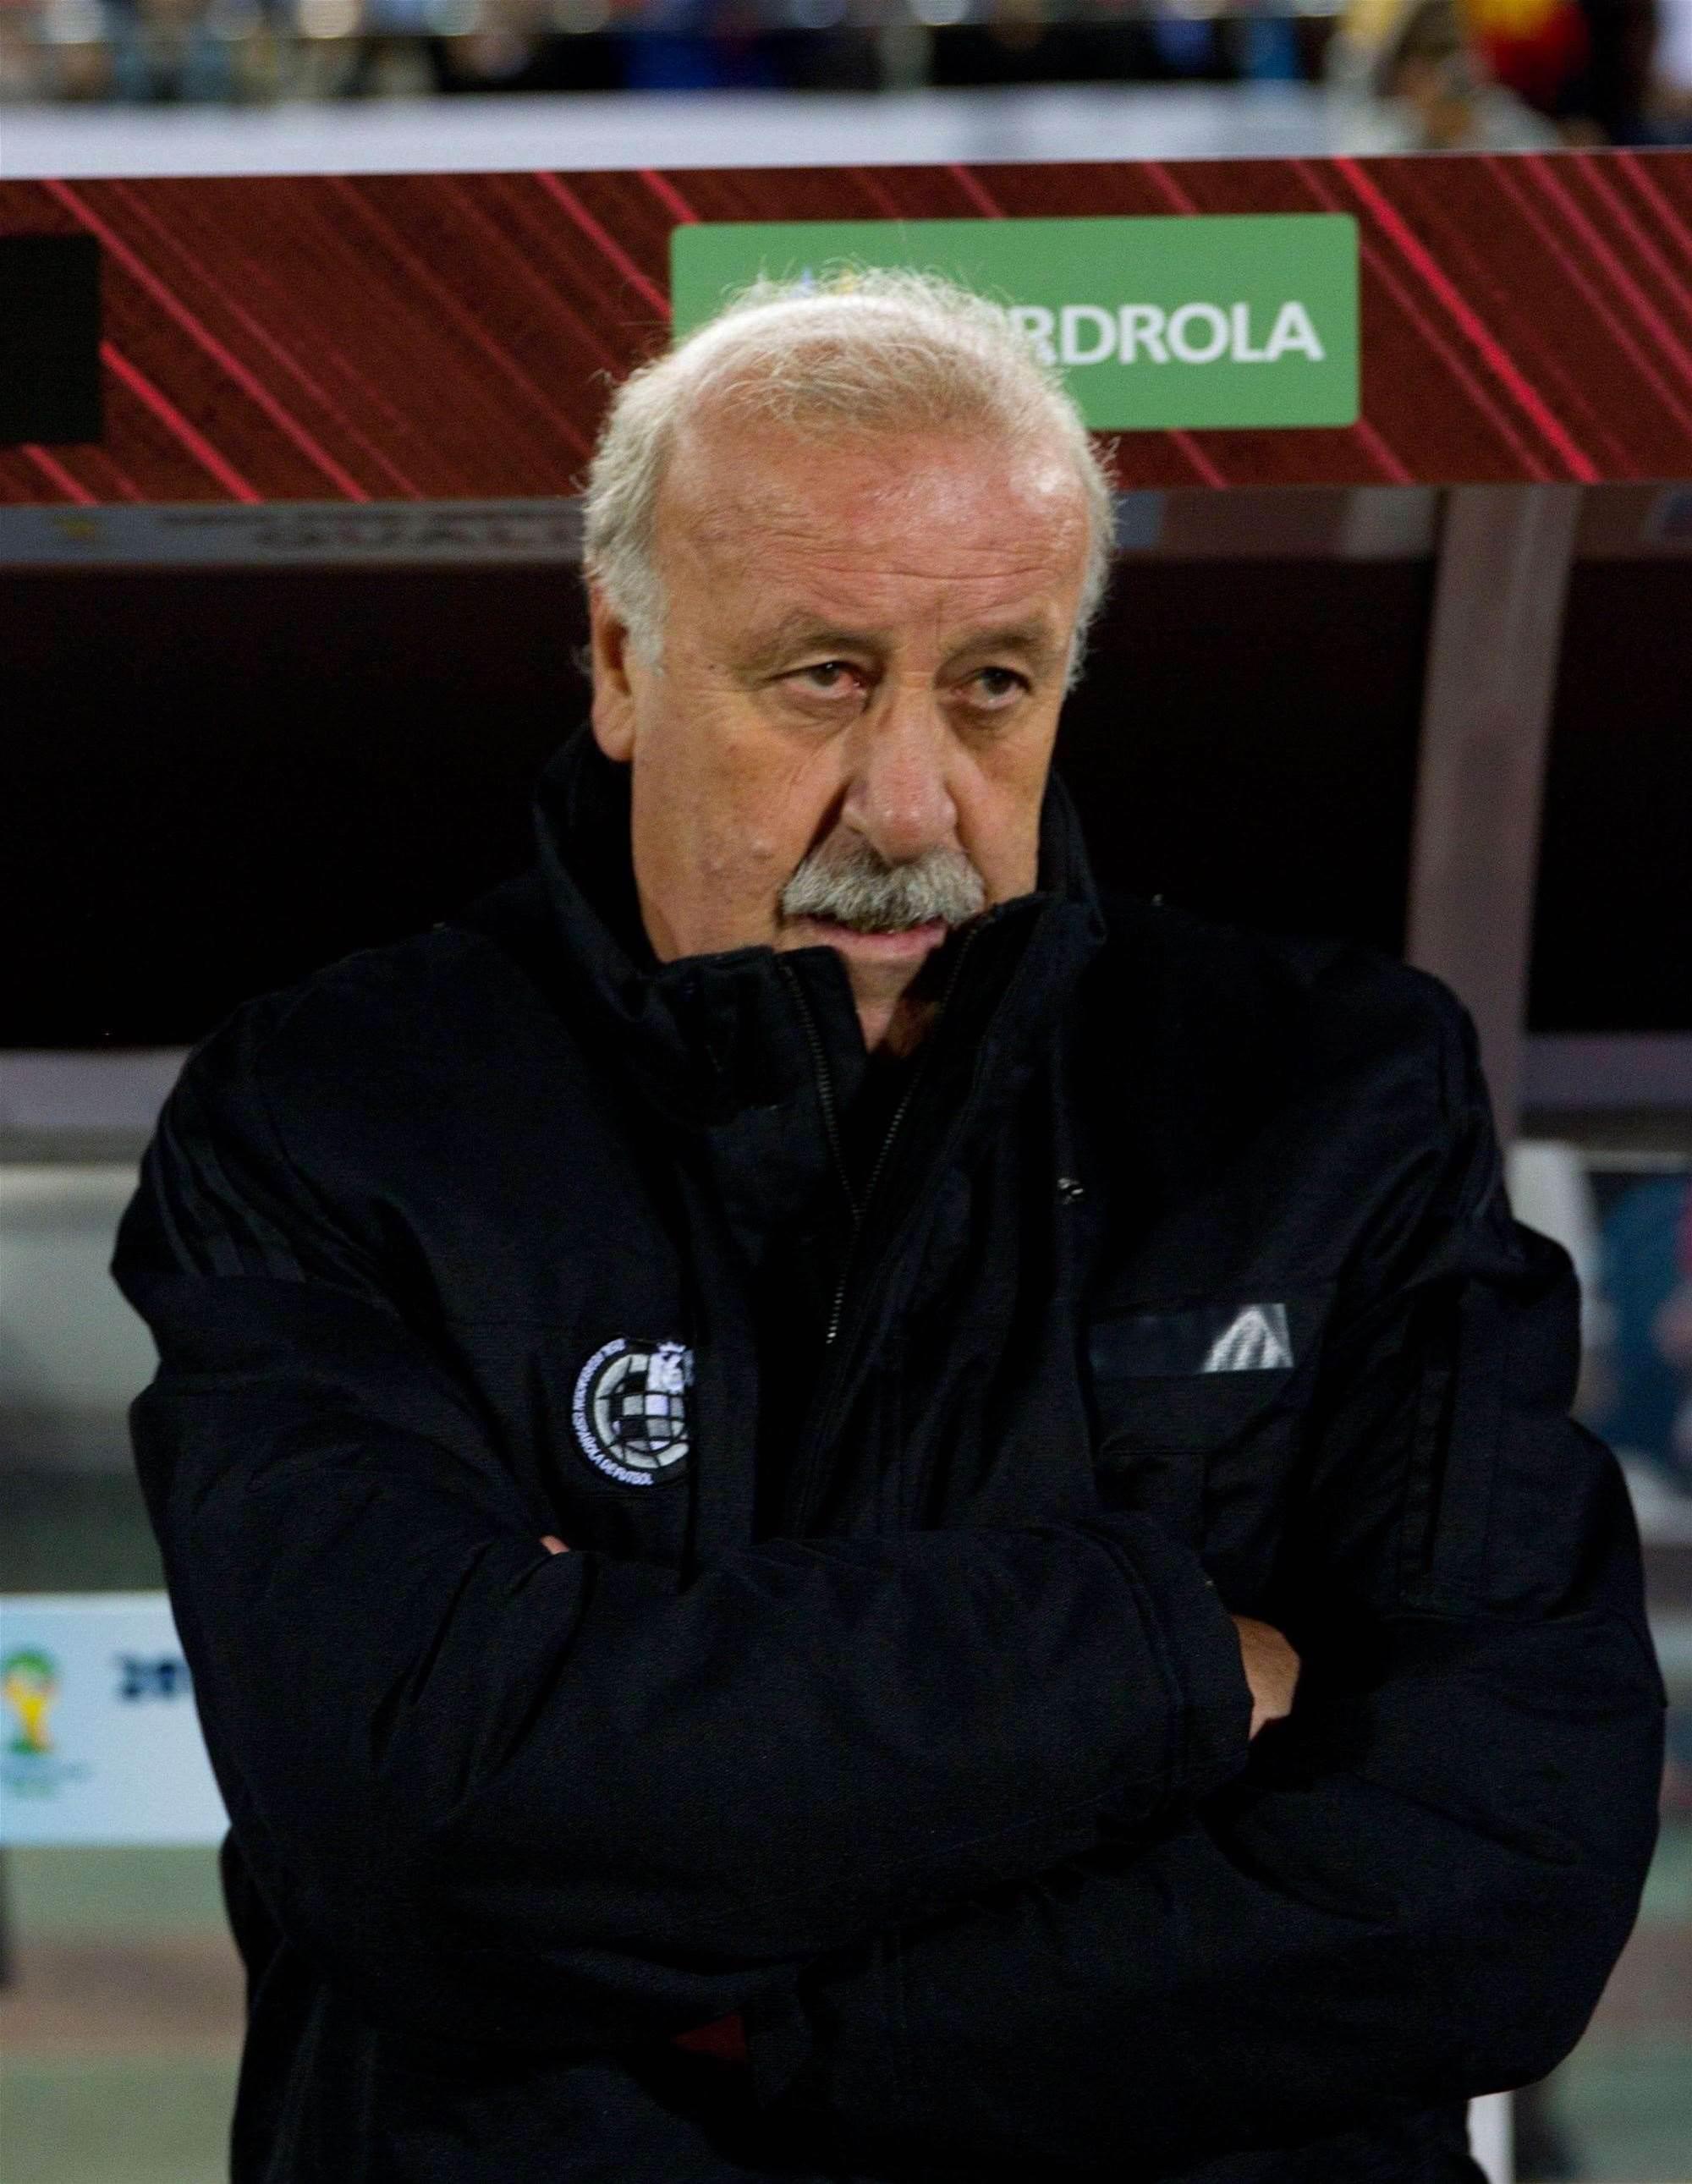 Spain 'struggled' against Belarus says Del Bosque